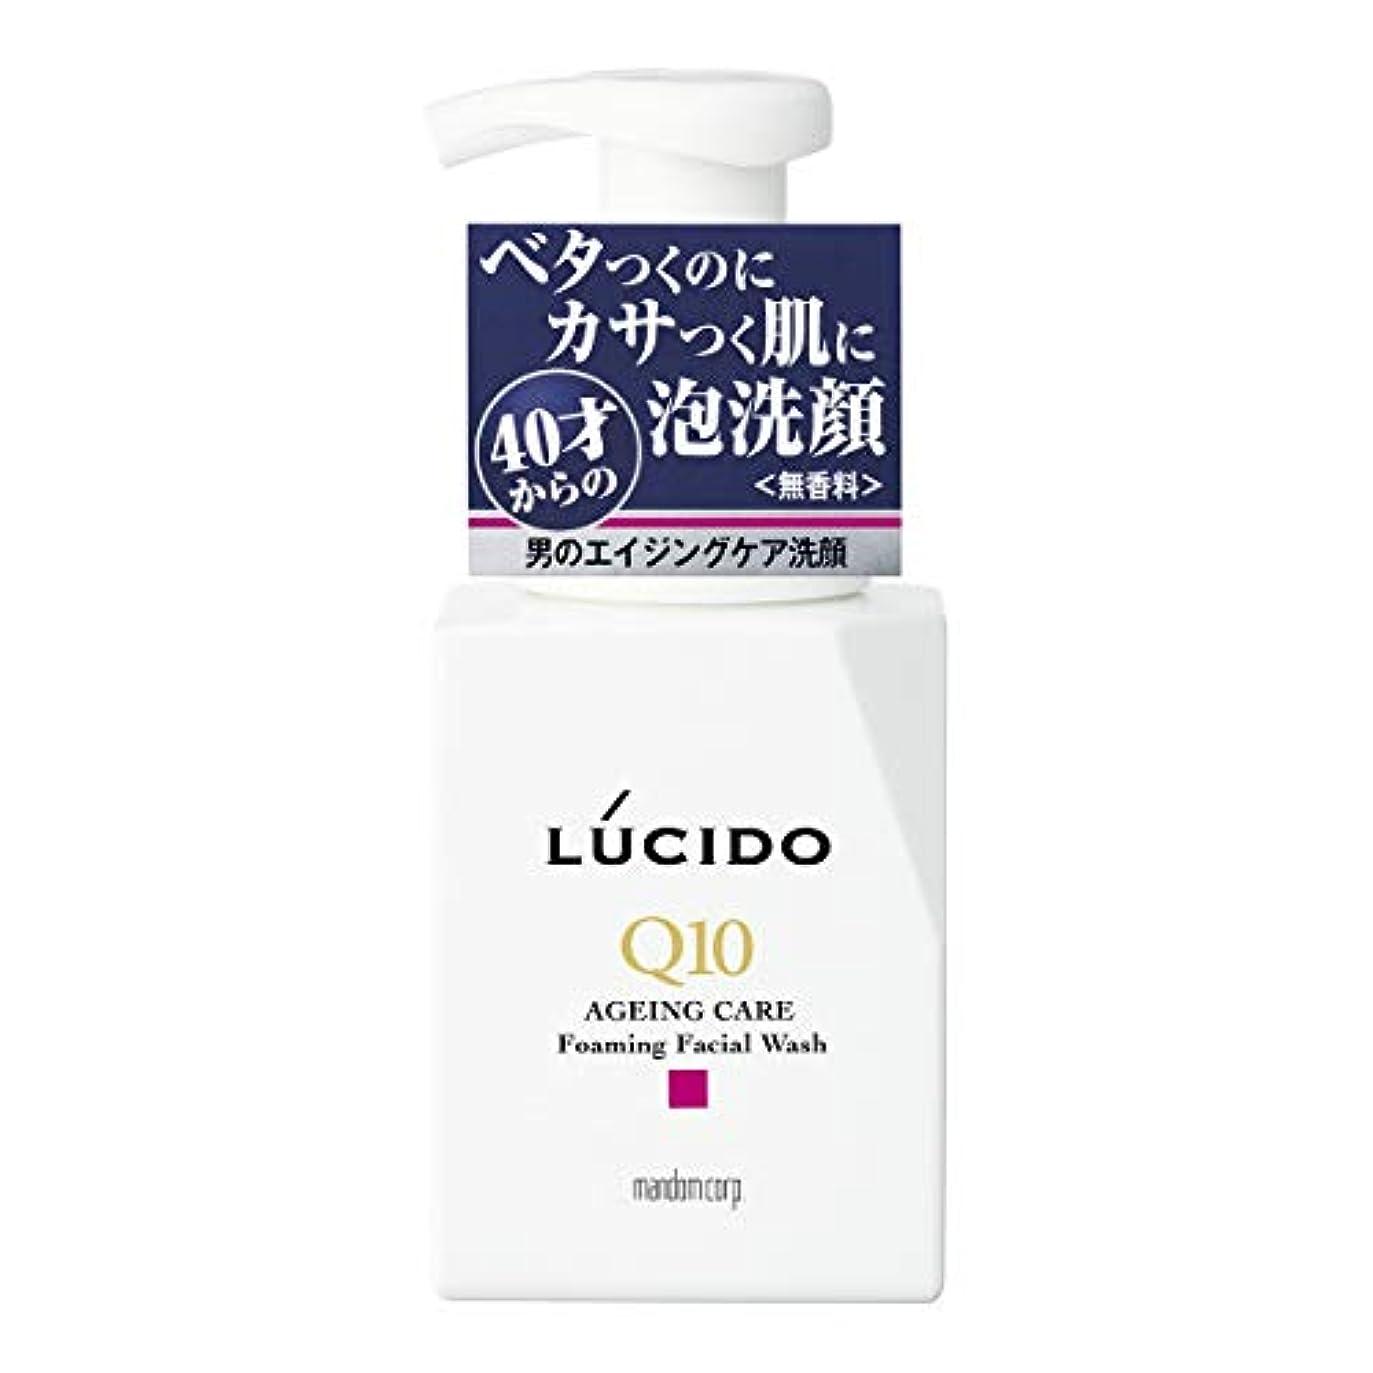 不利益前兆ページェントLUCIDO(ルシード) トータルケア泡洗顔 Q10 150mL